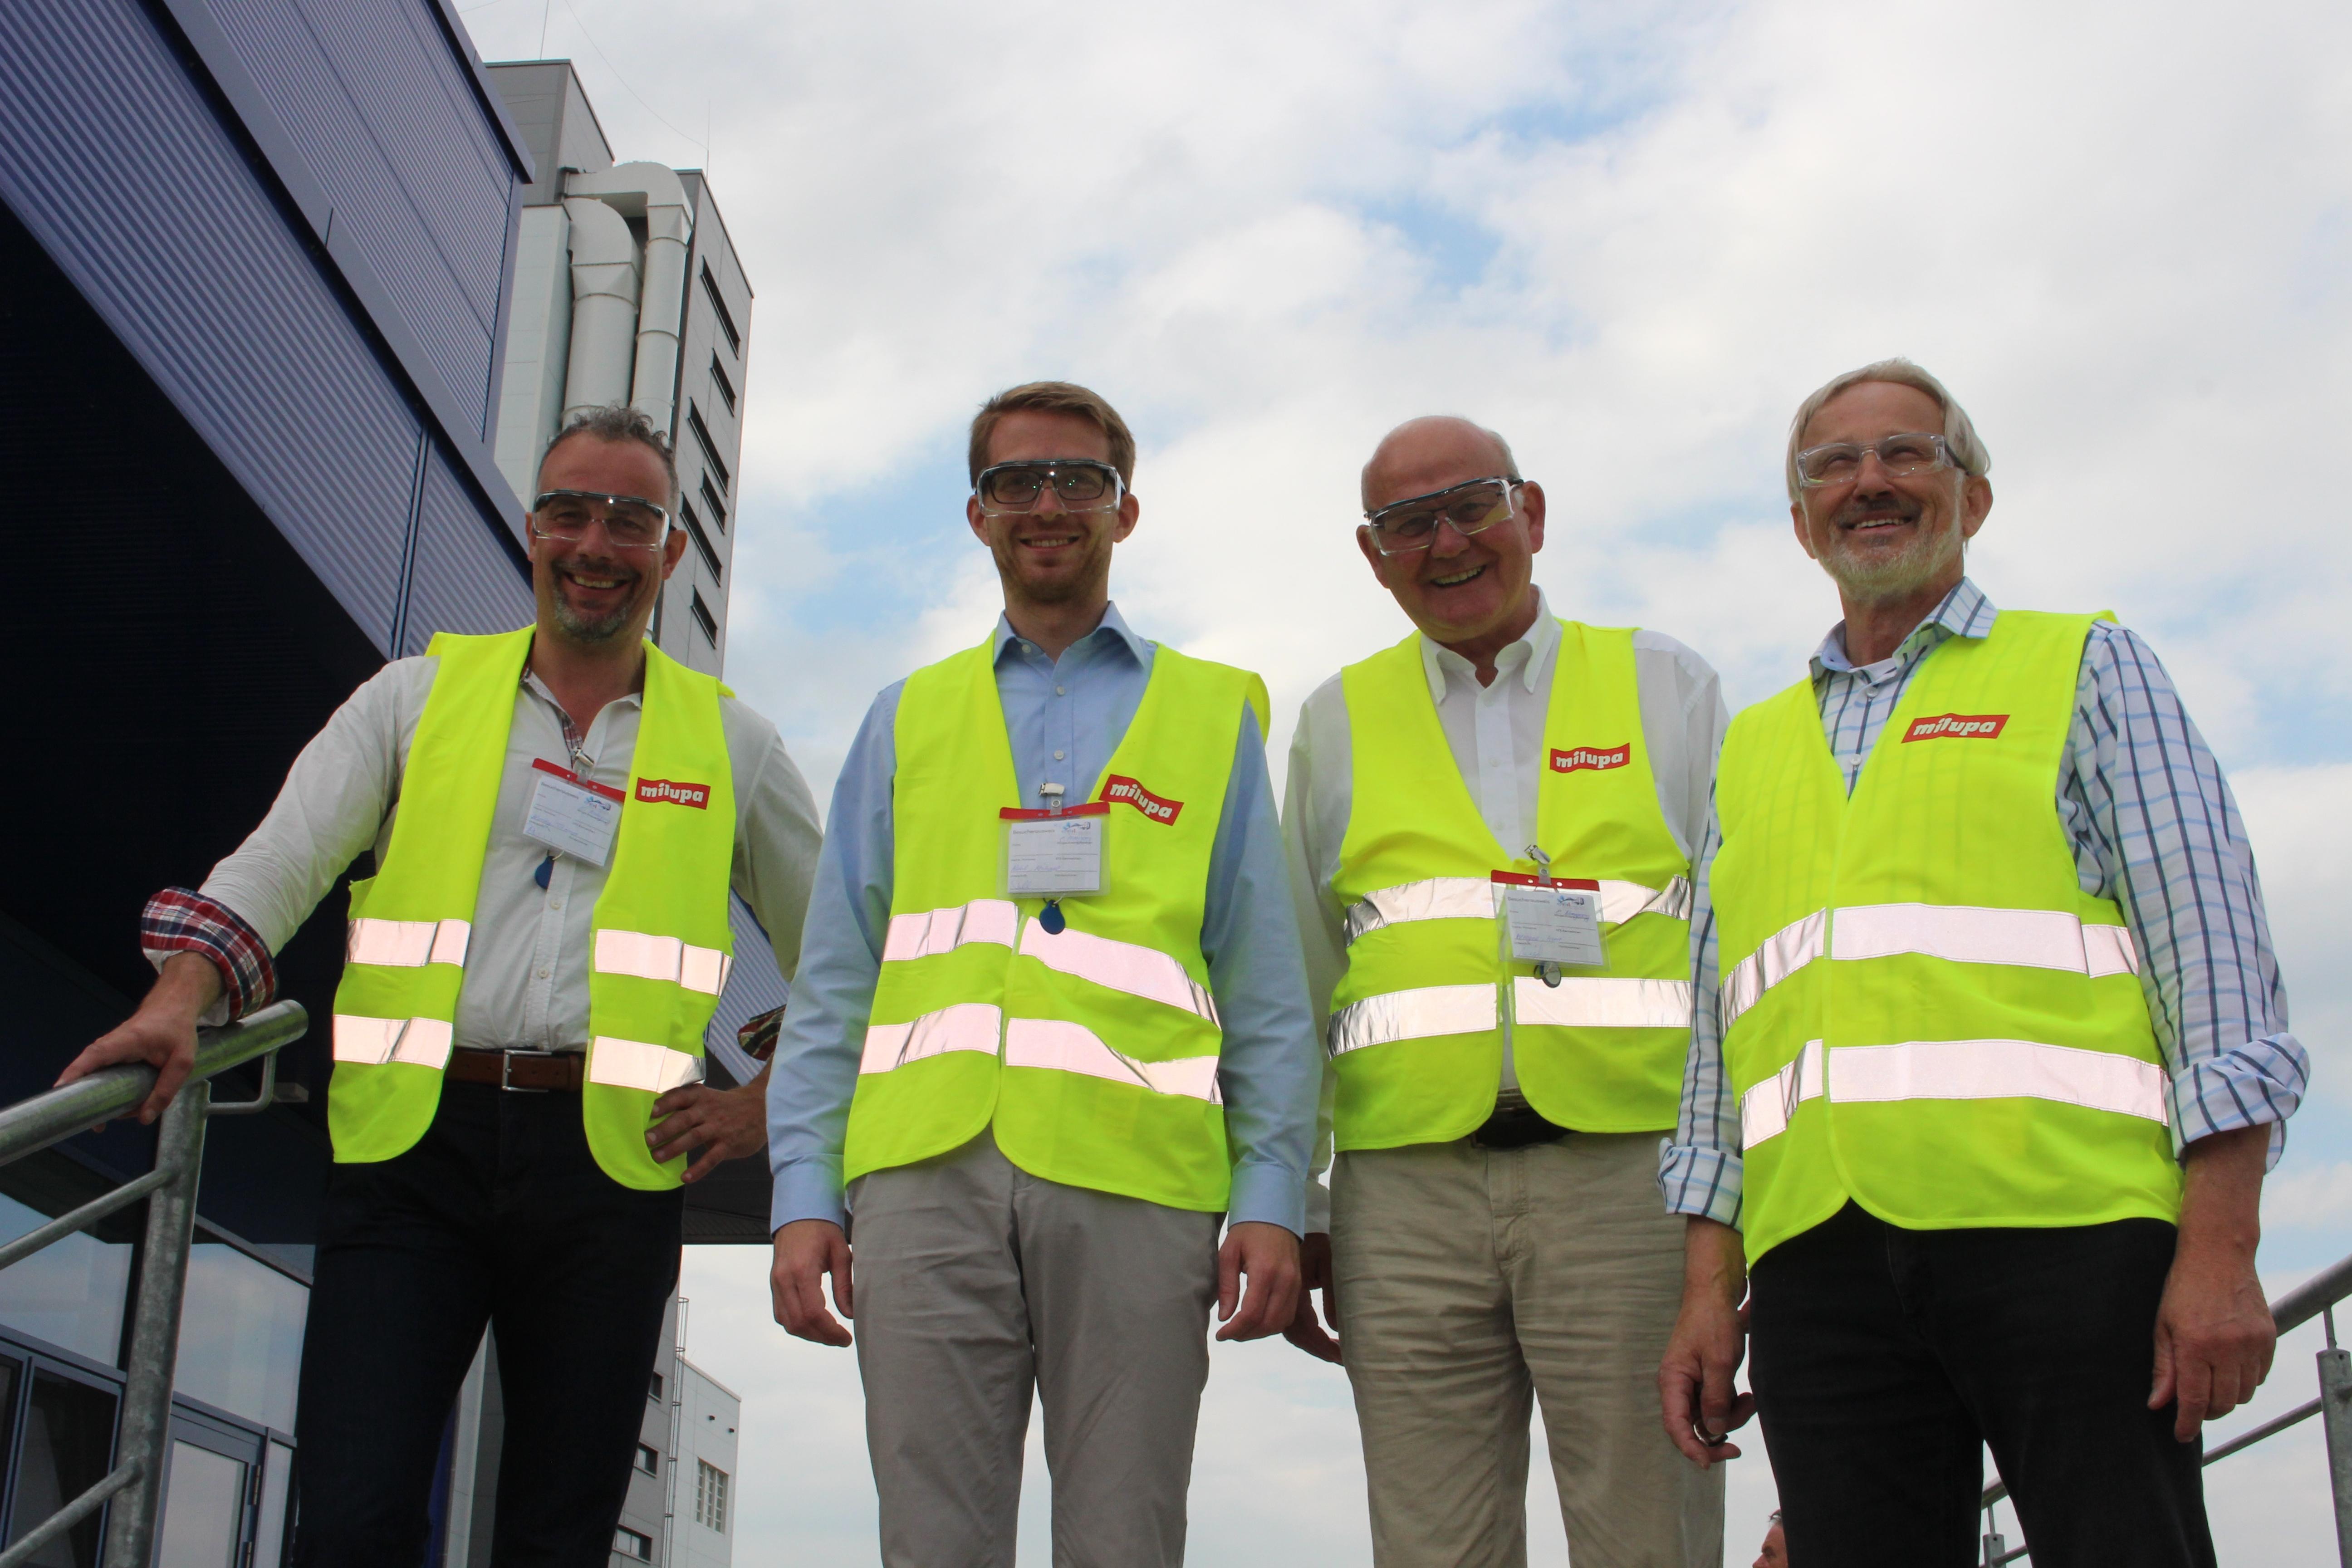 Die CDU-Wahlkreiskandidaten Thomas Hering (von rechts) und Michael Ruhl sowie Landtagsabgeordneter Kurt Wiegel zeigten sich beeindruckt von den hohen Qualitätsstandards im Milupa Werk in Fulda, welche Produktionsleiter Erwin Nahrgang präsentierte. Bild: J